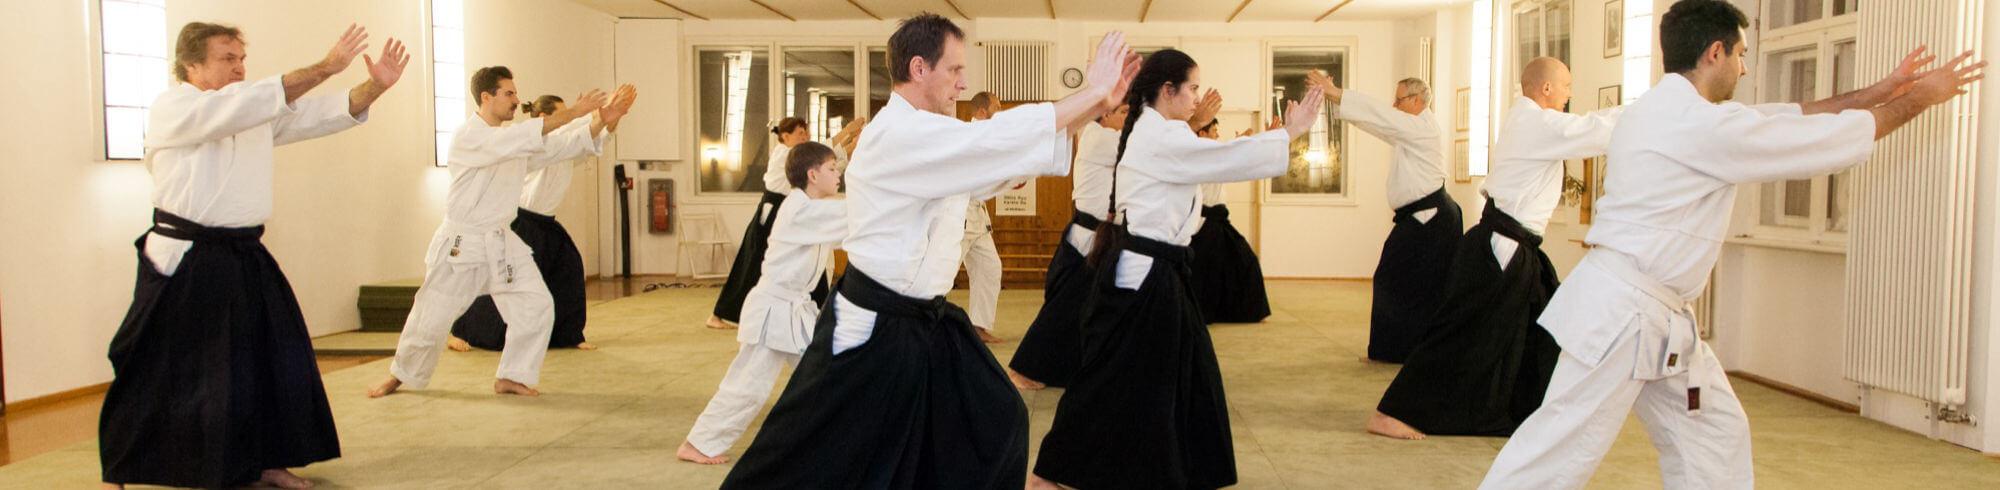 Mehrere Aikido-Meschen von der Seite fotografiert, sie strecken die Arme aus und lehnen sich leicht nasch vorne